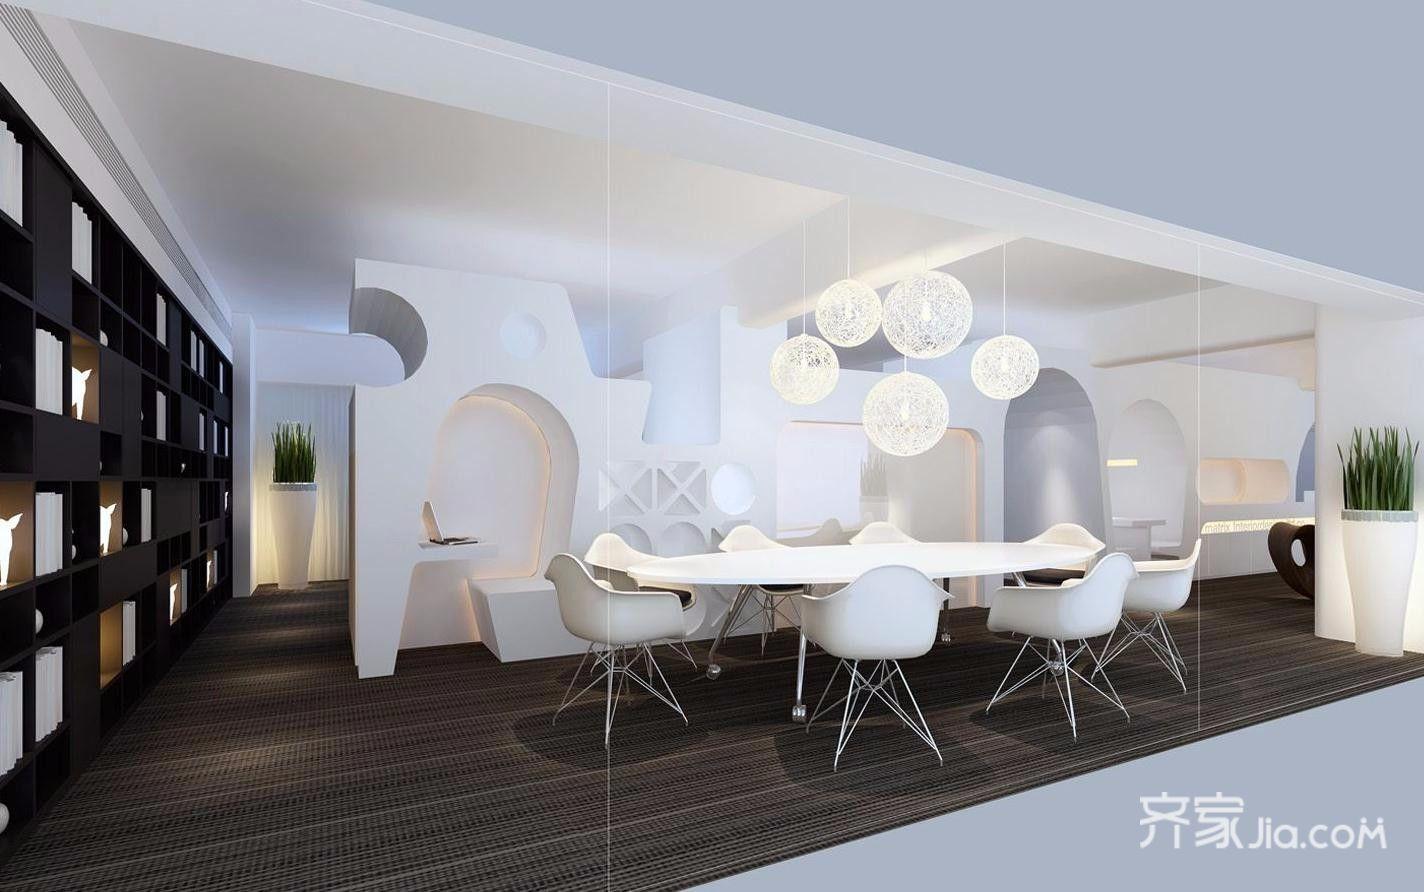 黑白简约风格办公室会议区装修效果图